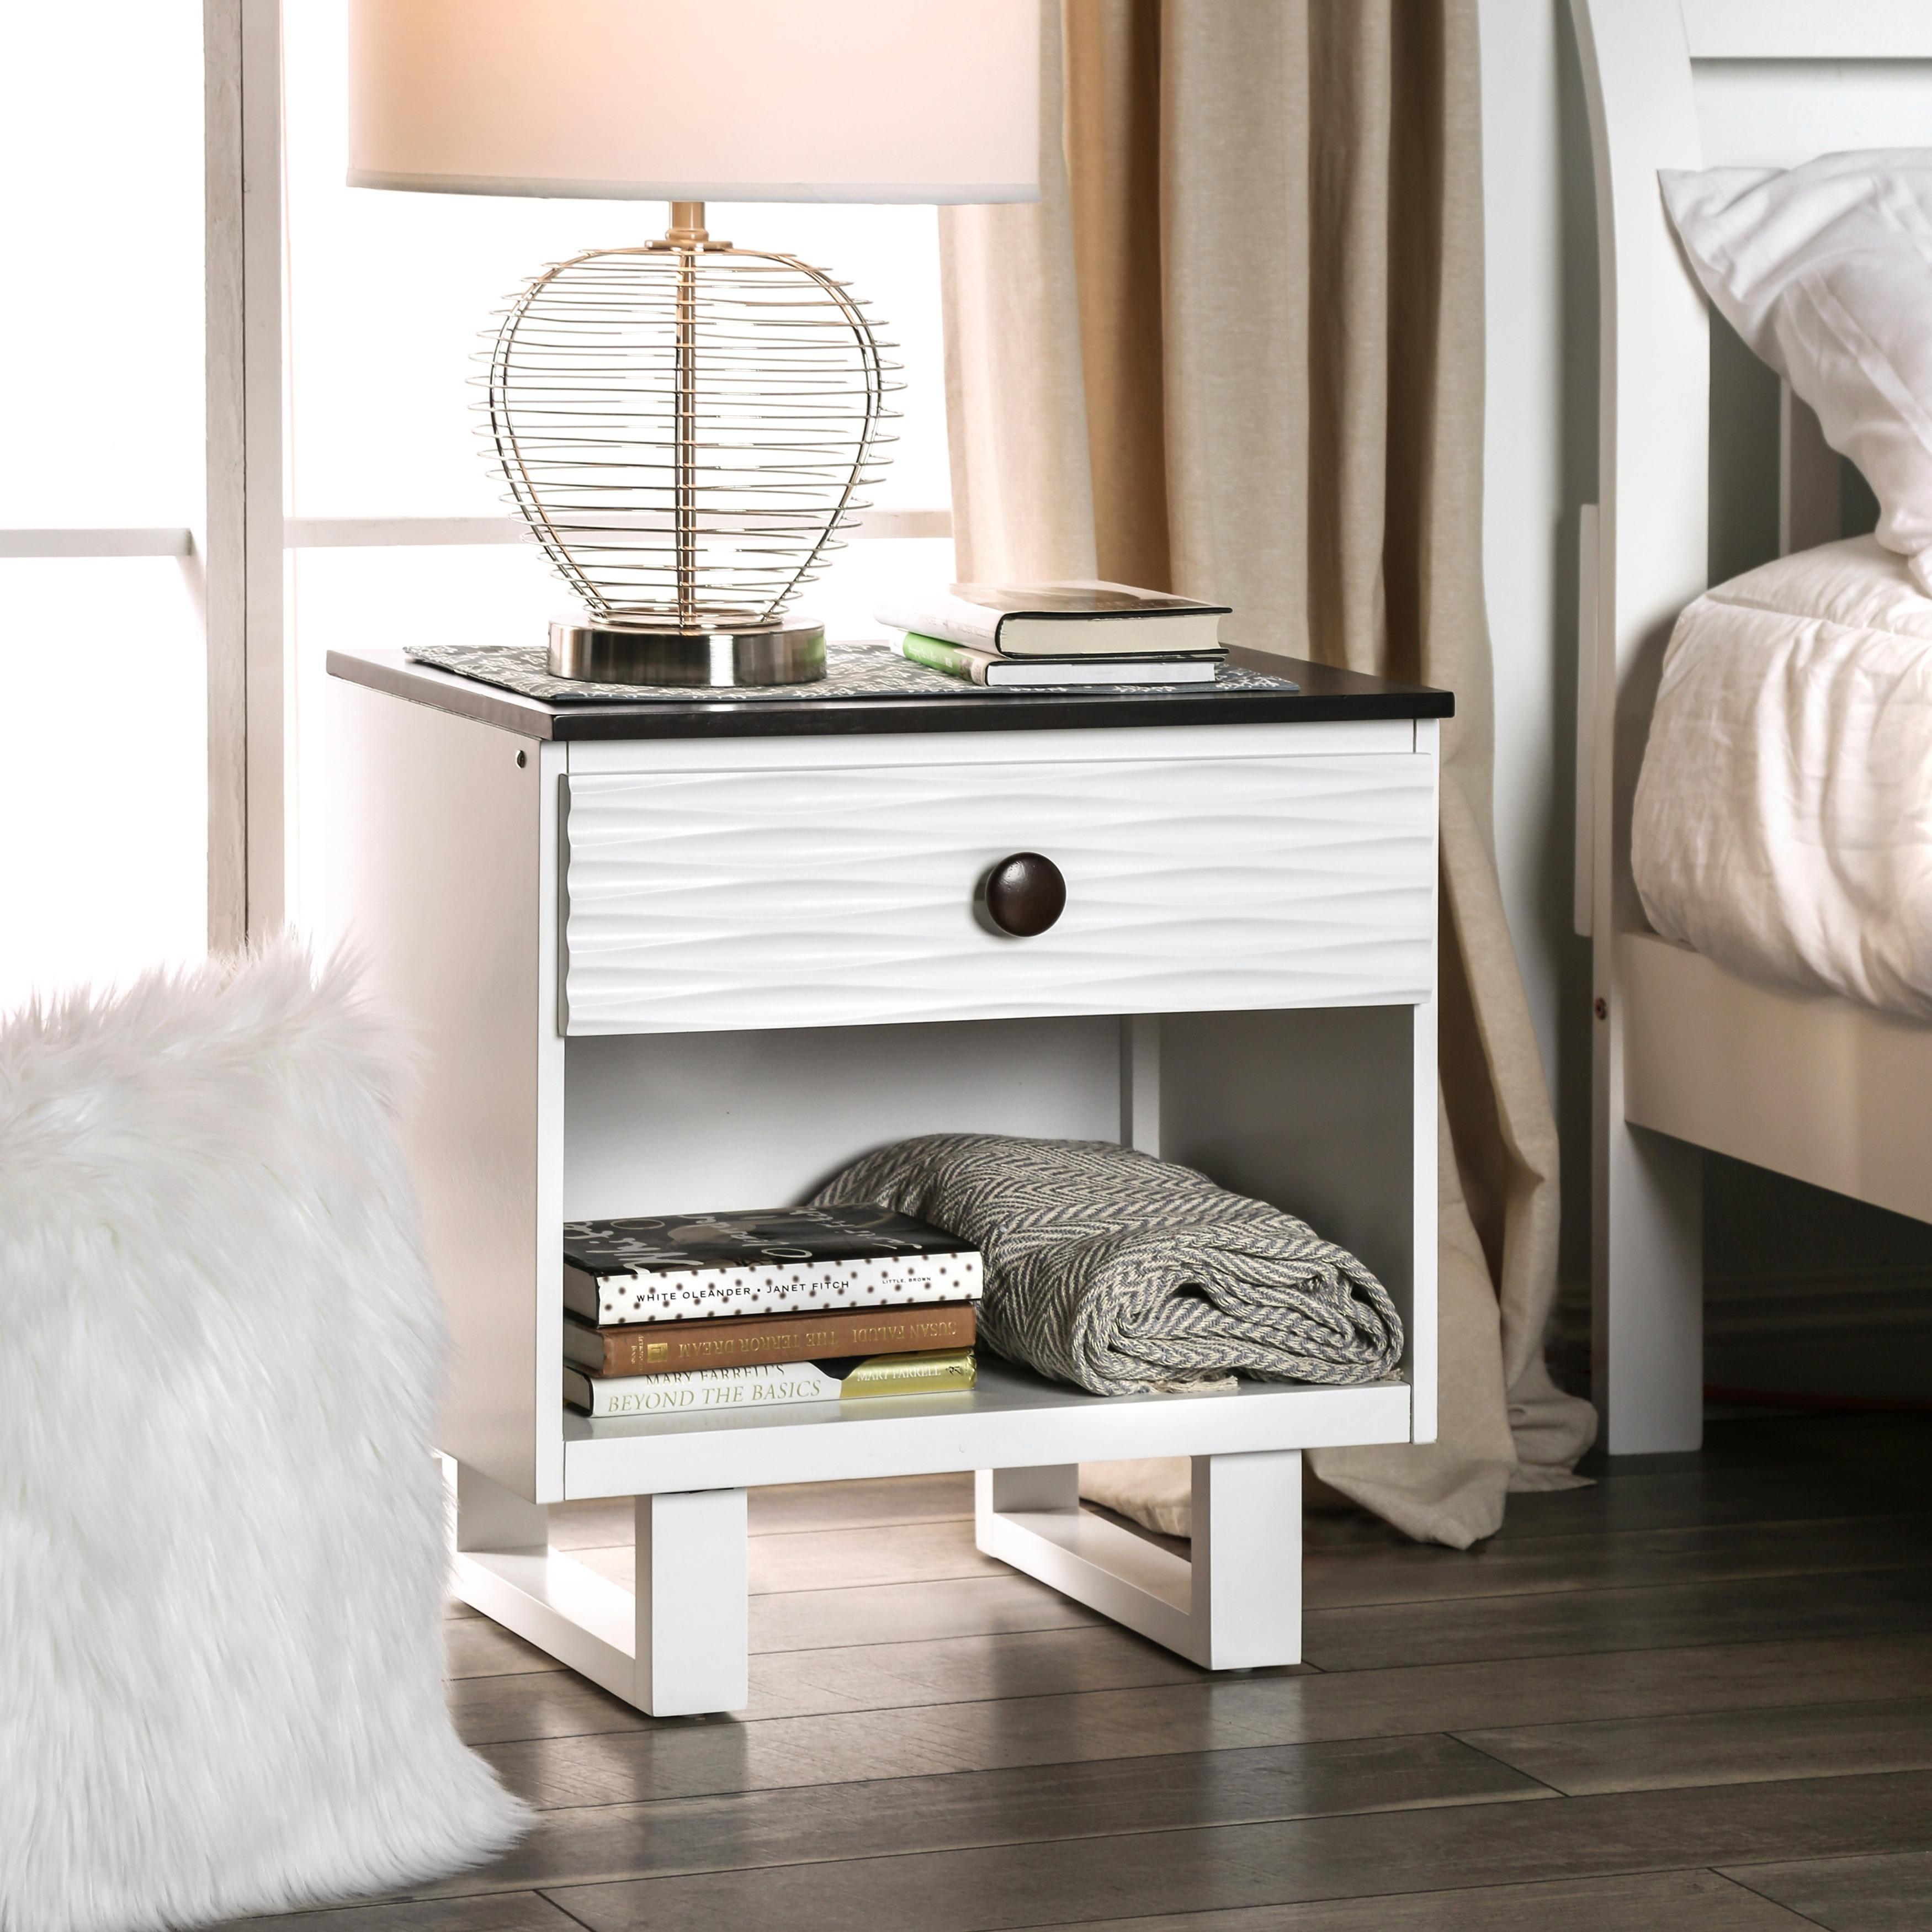 Shop Furniture of America Trisha Contemporary White